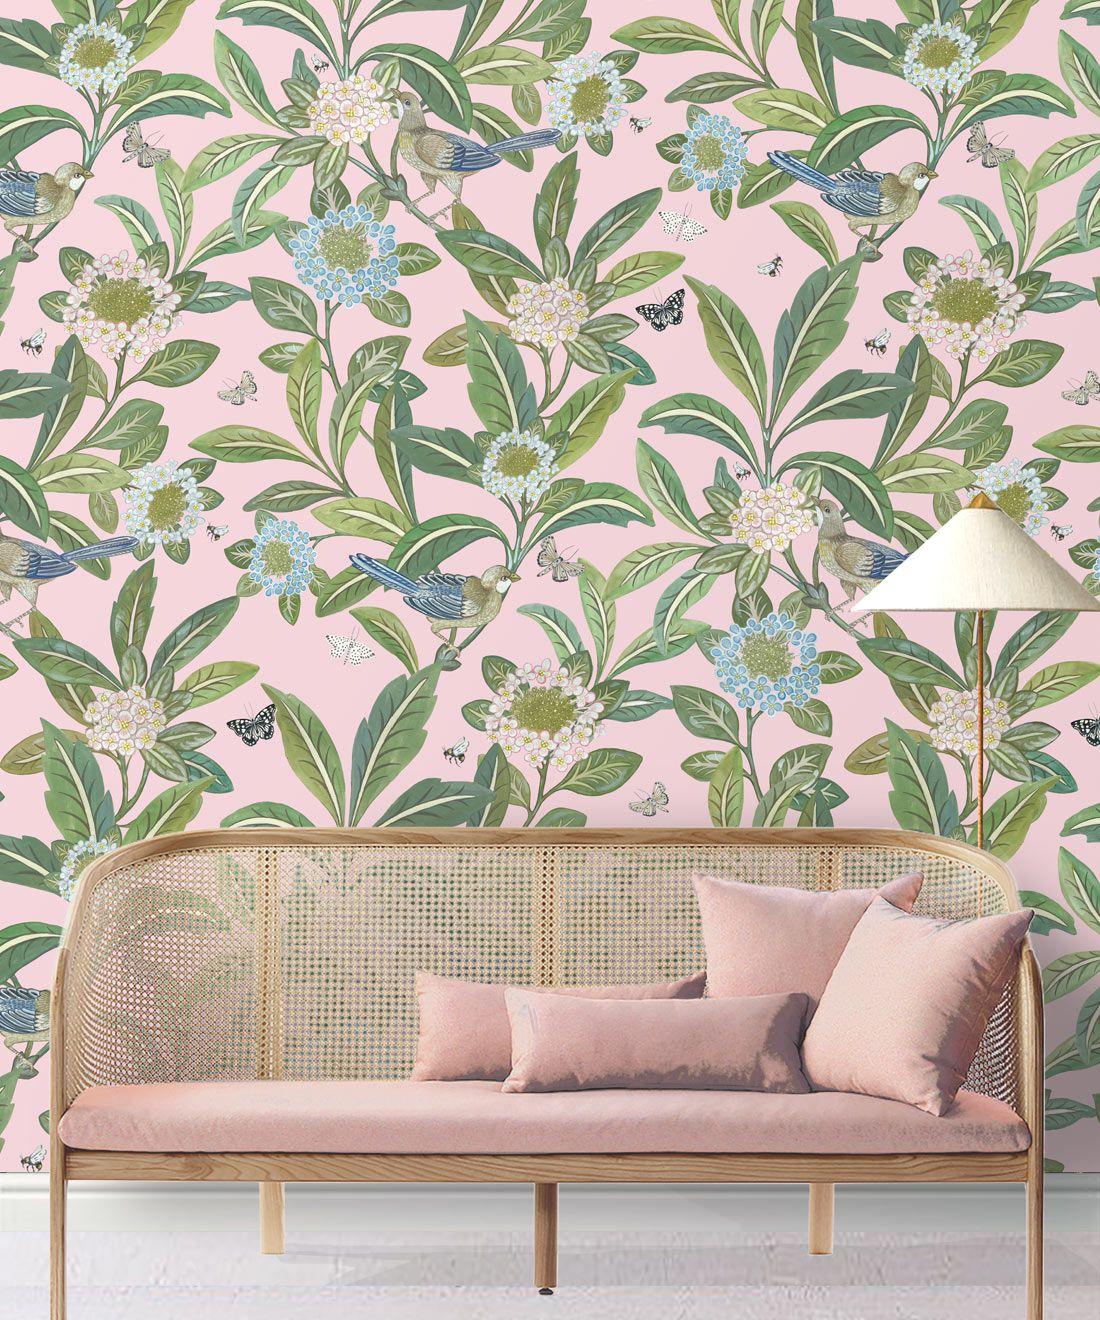 Summer Garden Wallpaper • Pink Wallpaper • Floral Wallpaper insitu behind pink sofa